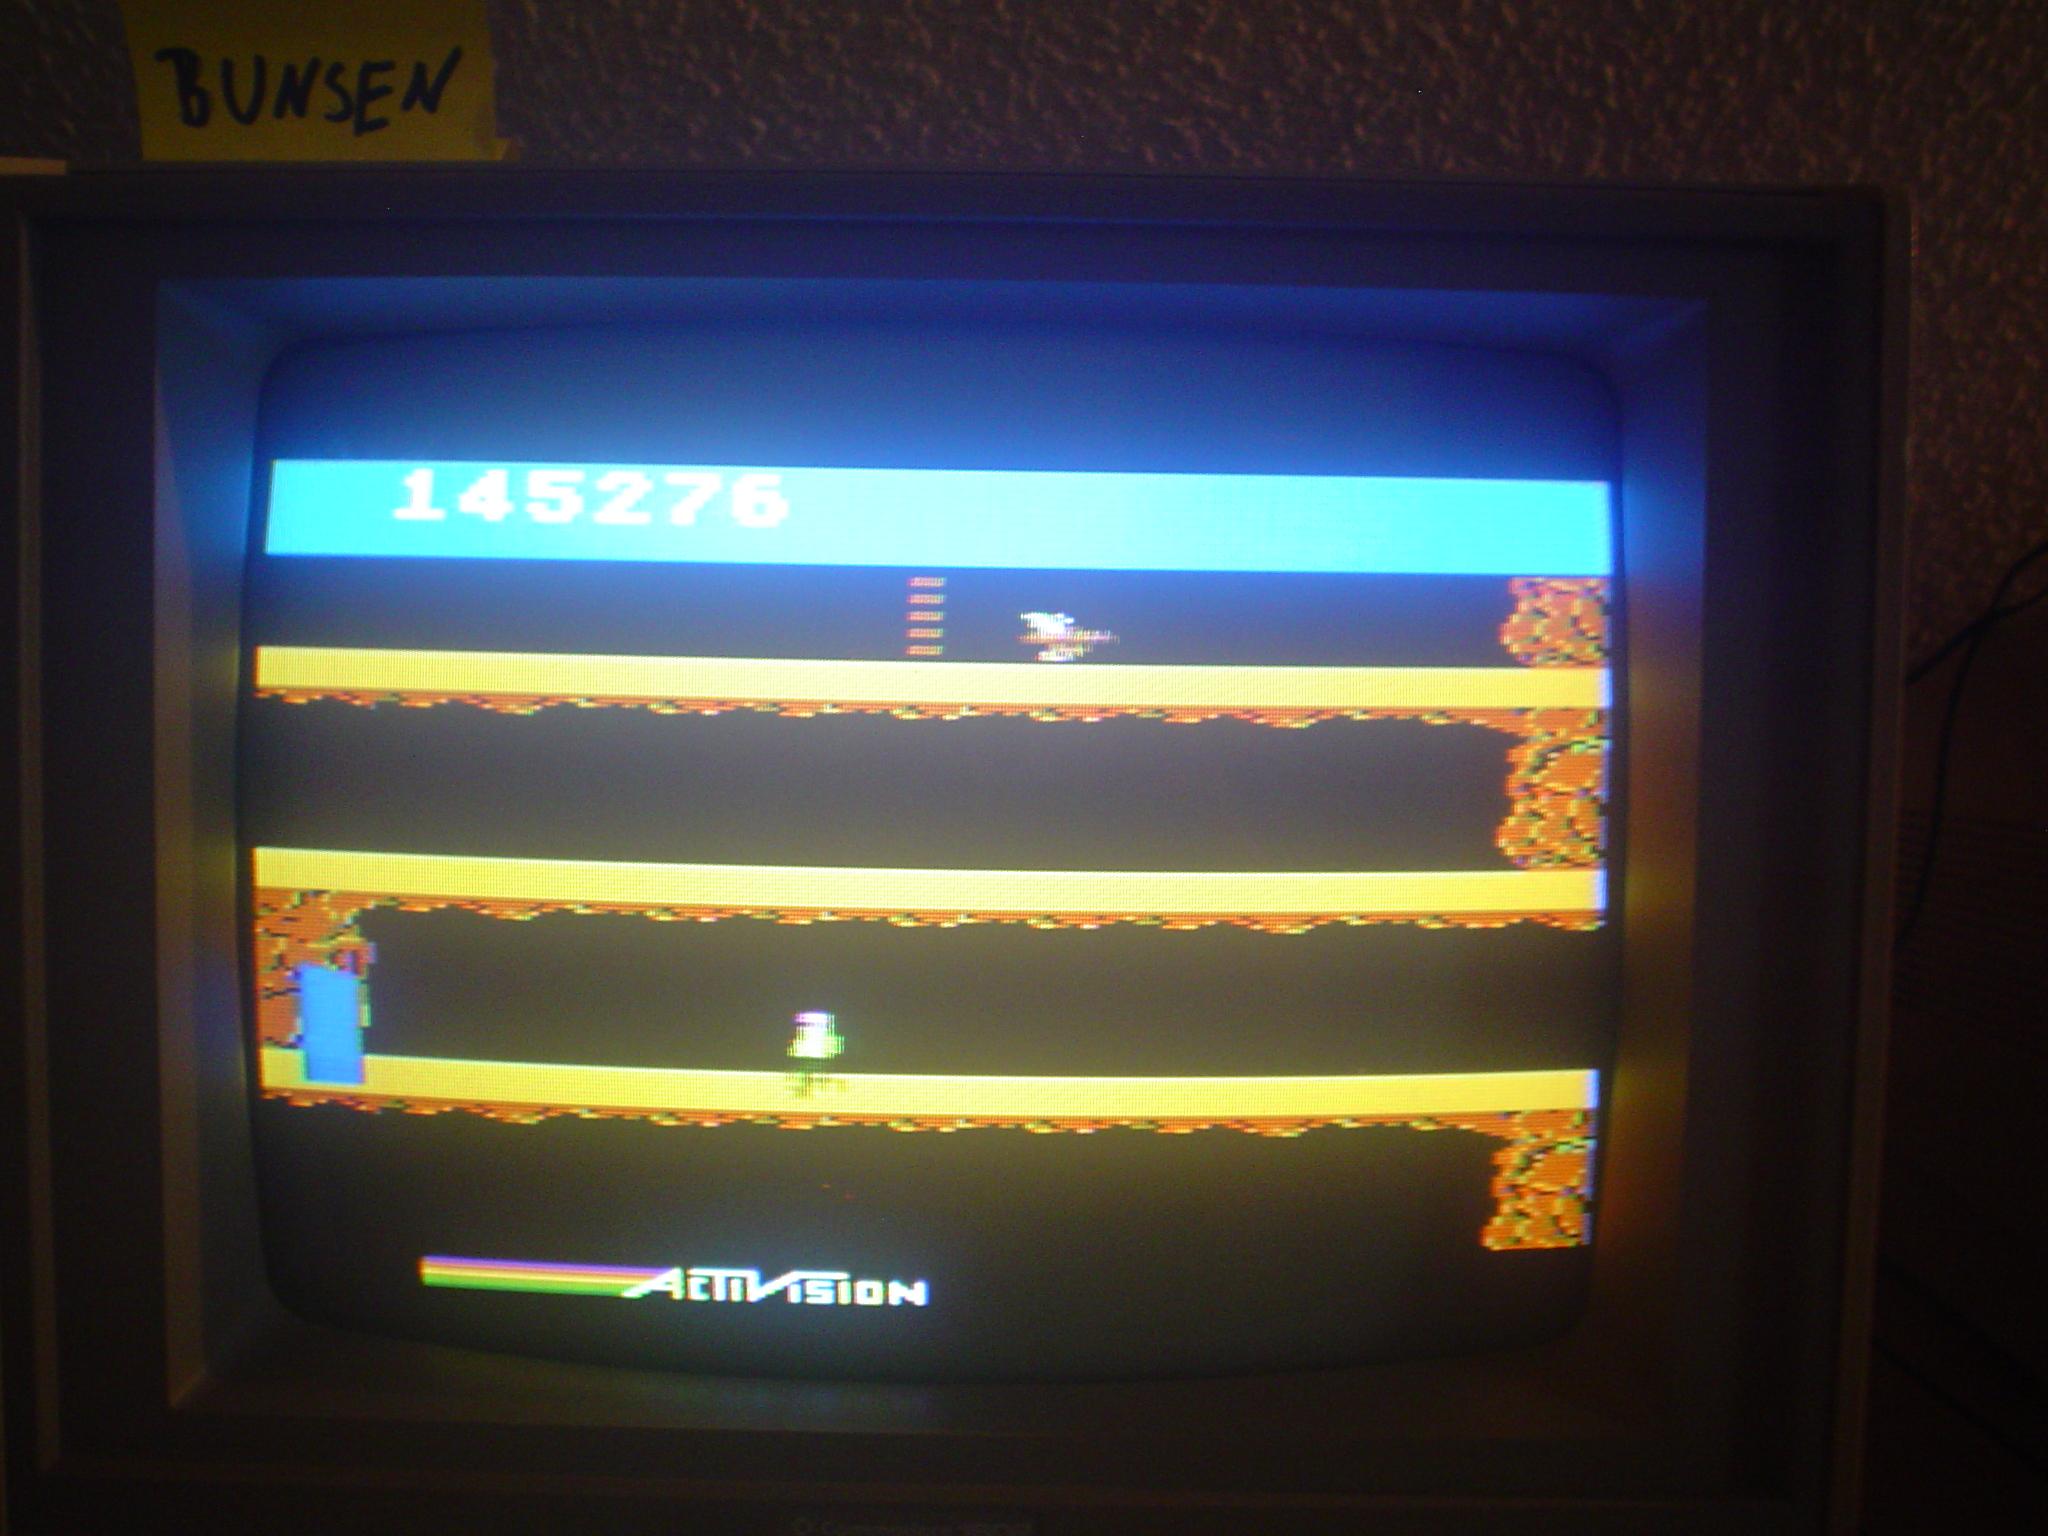 Bunsen: Pitfall II (Atari 400/800/XL/XE) 145,276 points on 2016-04-28 03:00:14